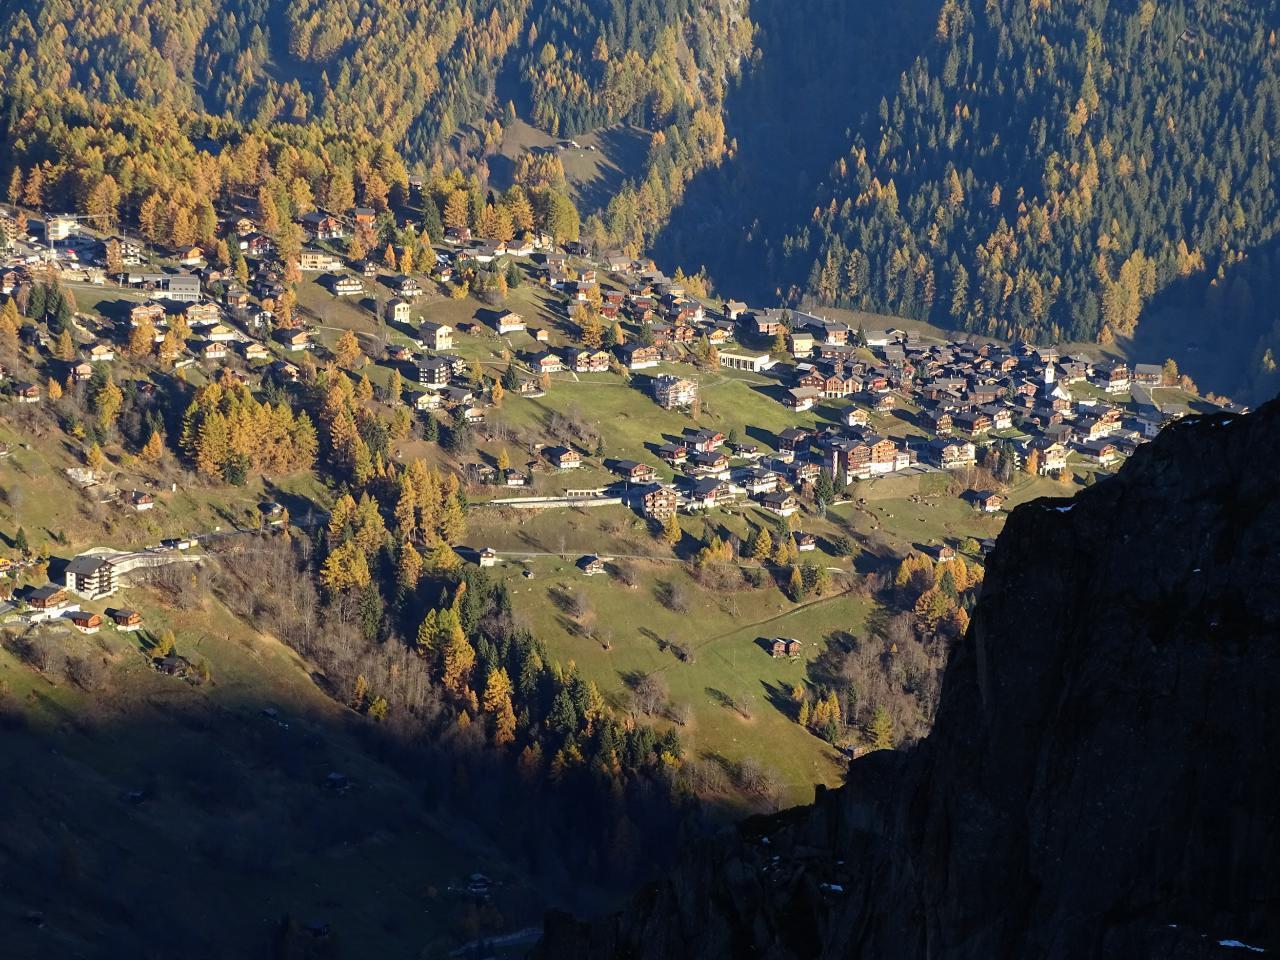 Appartement de vacances Chalet Stefanino, 3 1/2 Zimmer (487097), Bellwald, Aletsch - Conches, Valais, Suisse, image 18